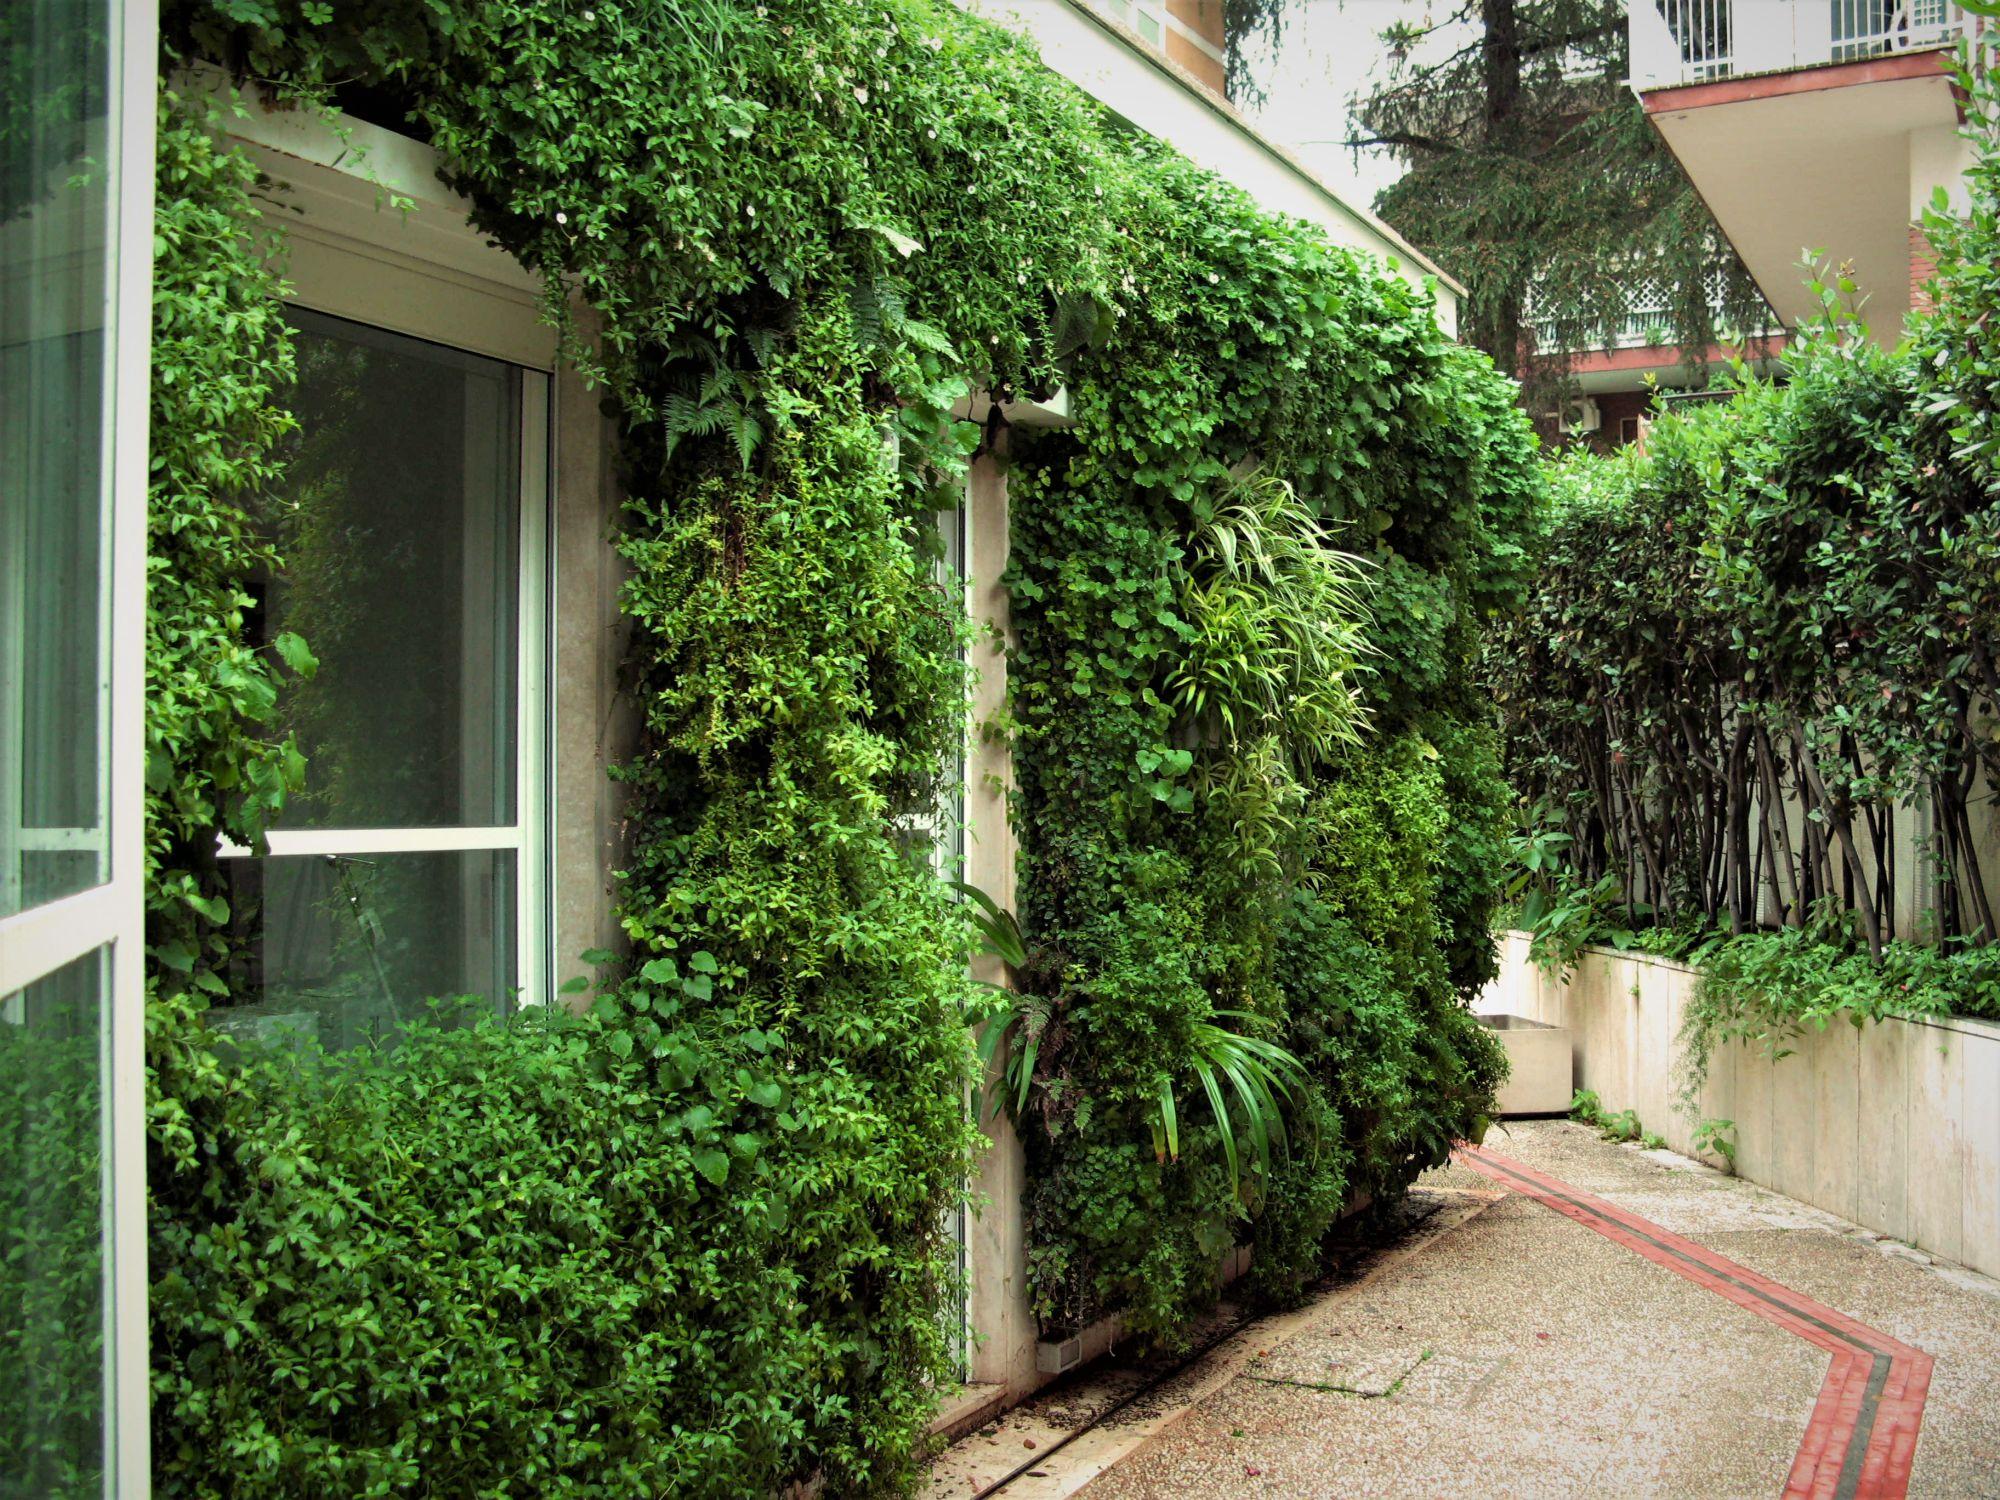 cubik verde verticale a Roma